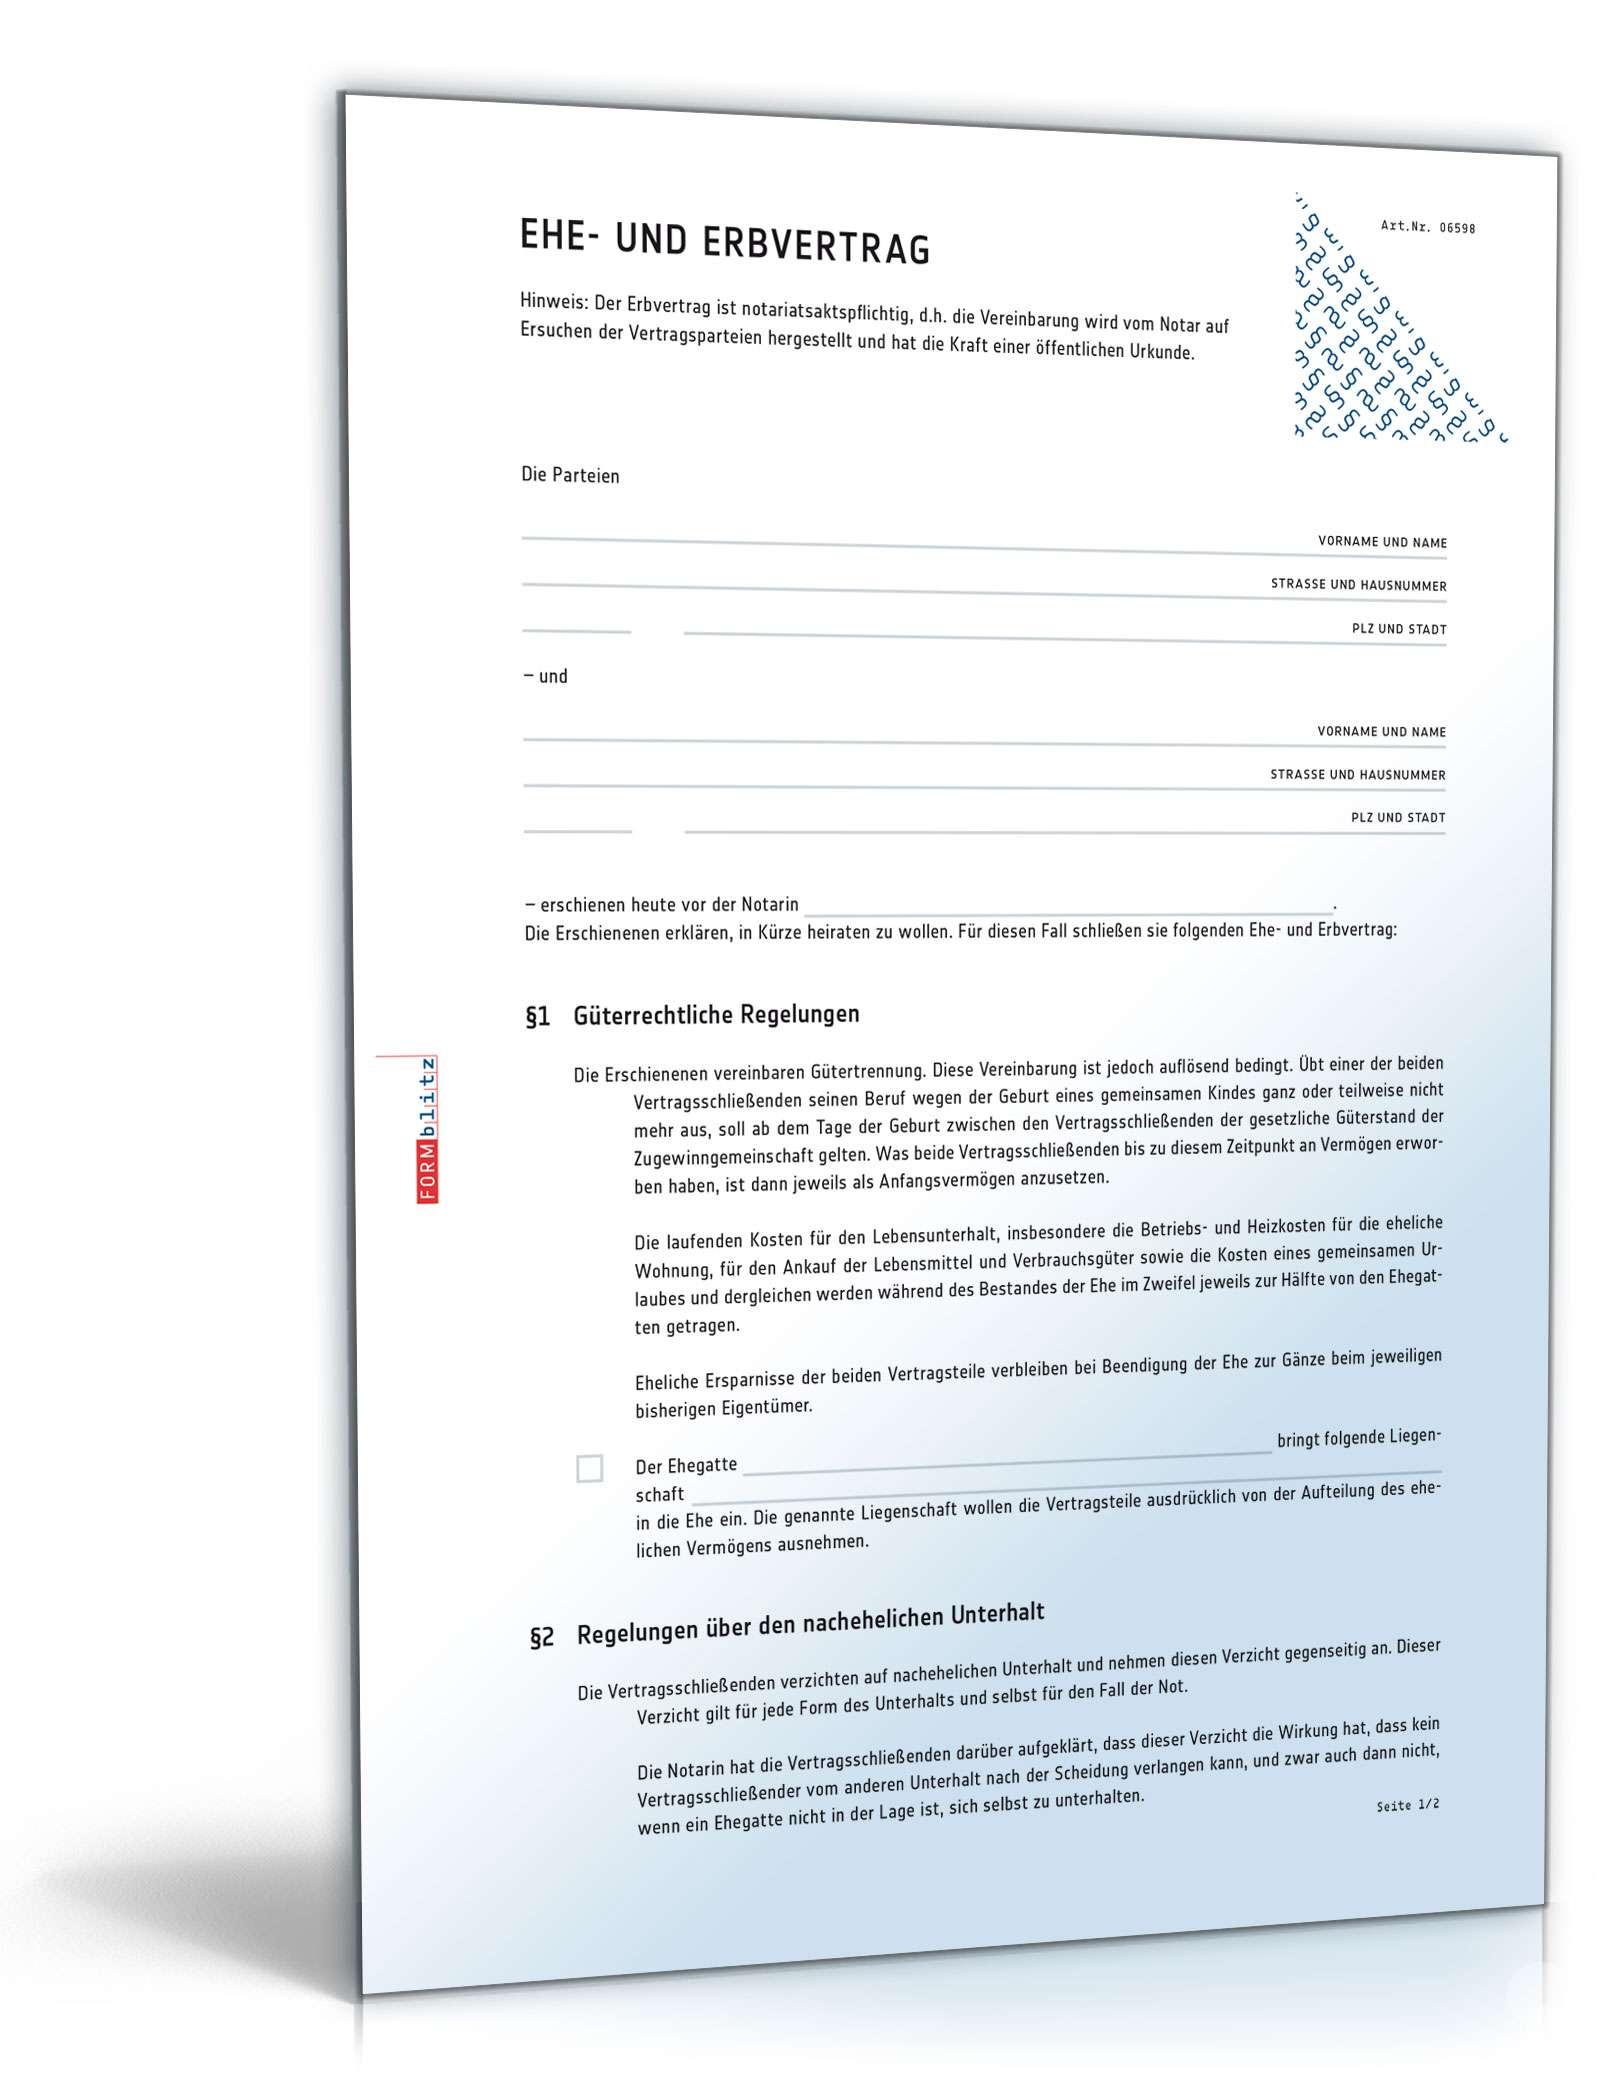 Musterbriefe Notar : Ehe und erbvertrag mit gütertrennung muster vorlage zum